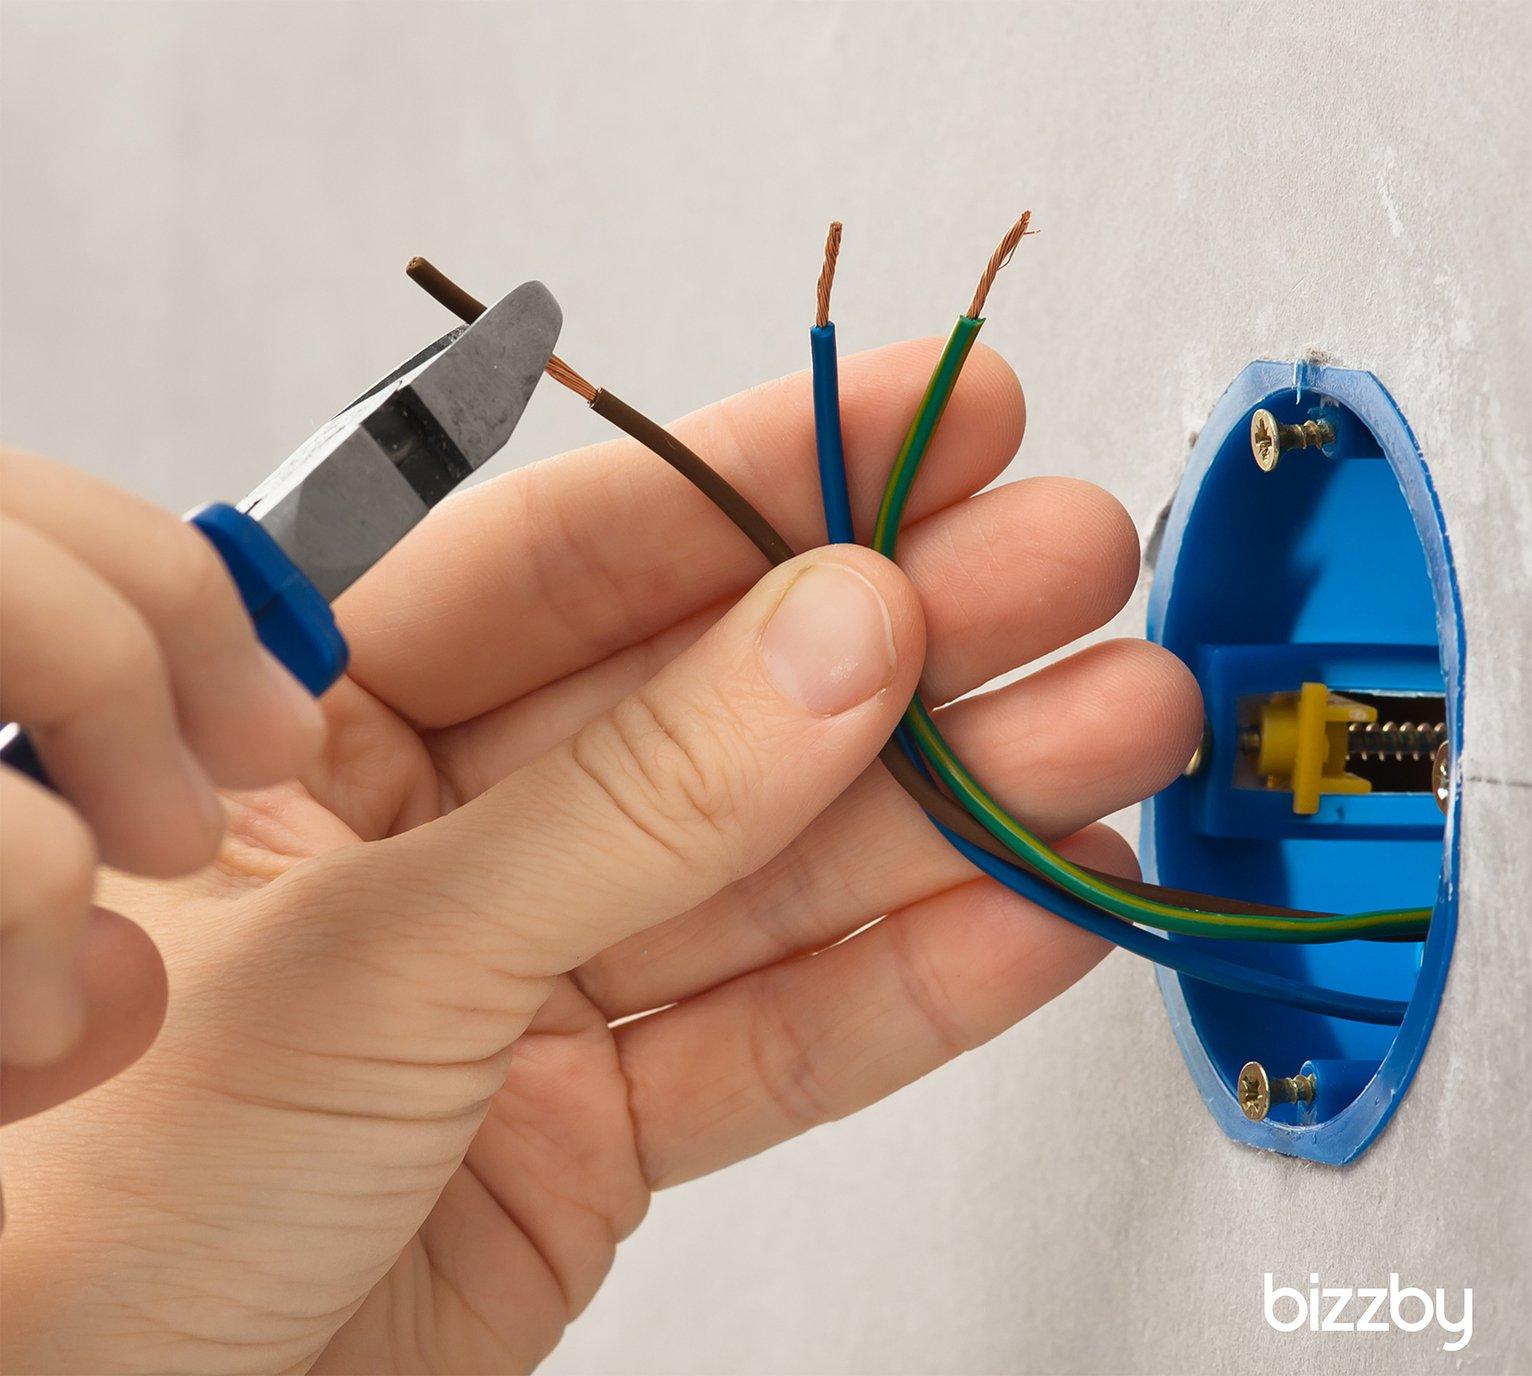 Image of Ring Video Doorbell Installation